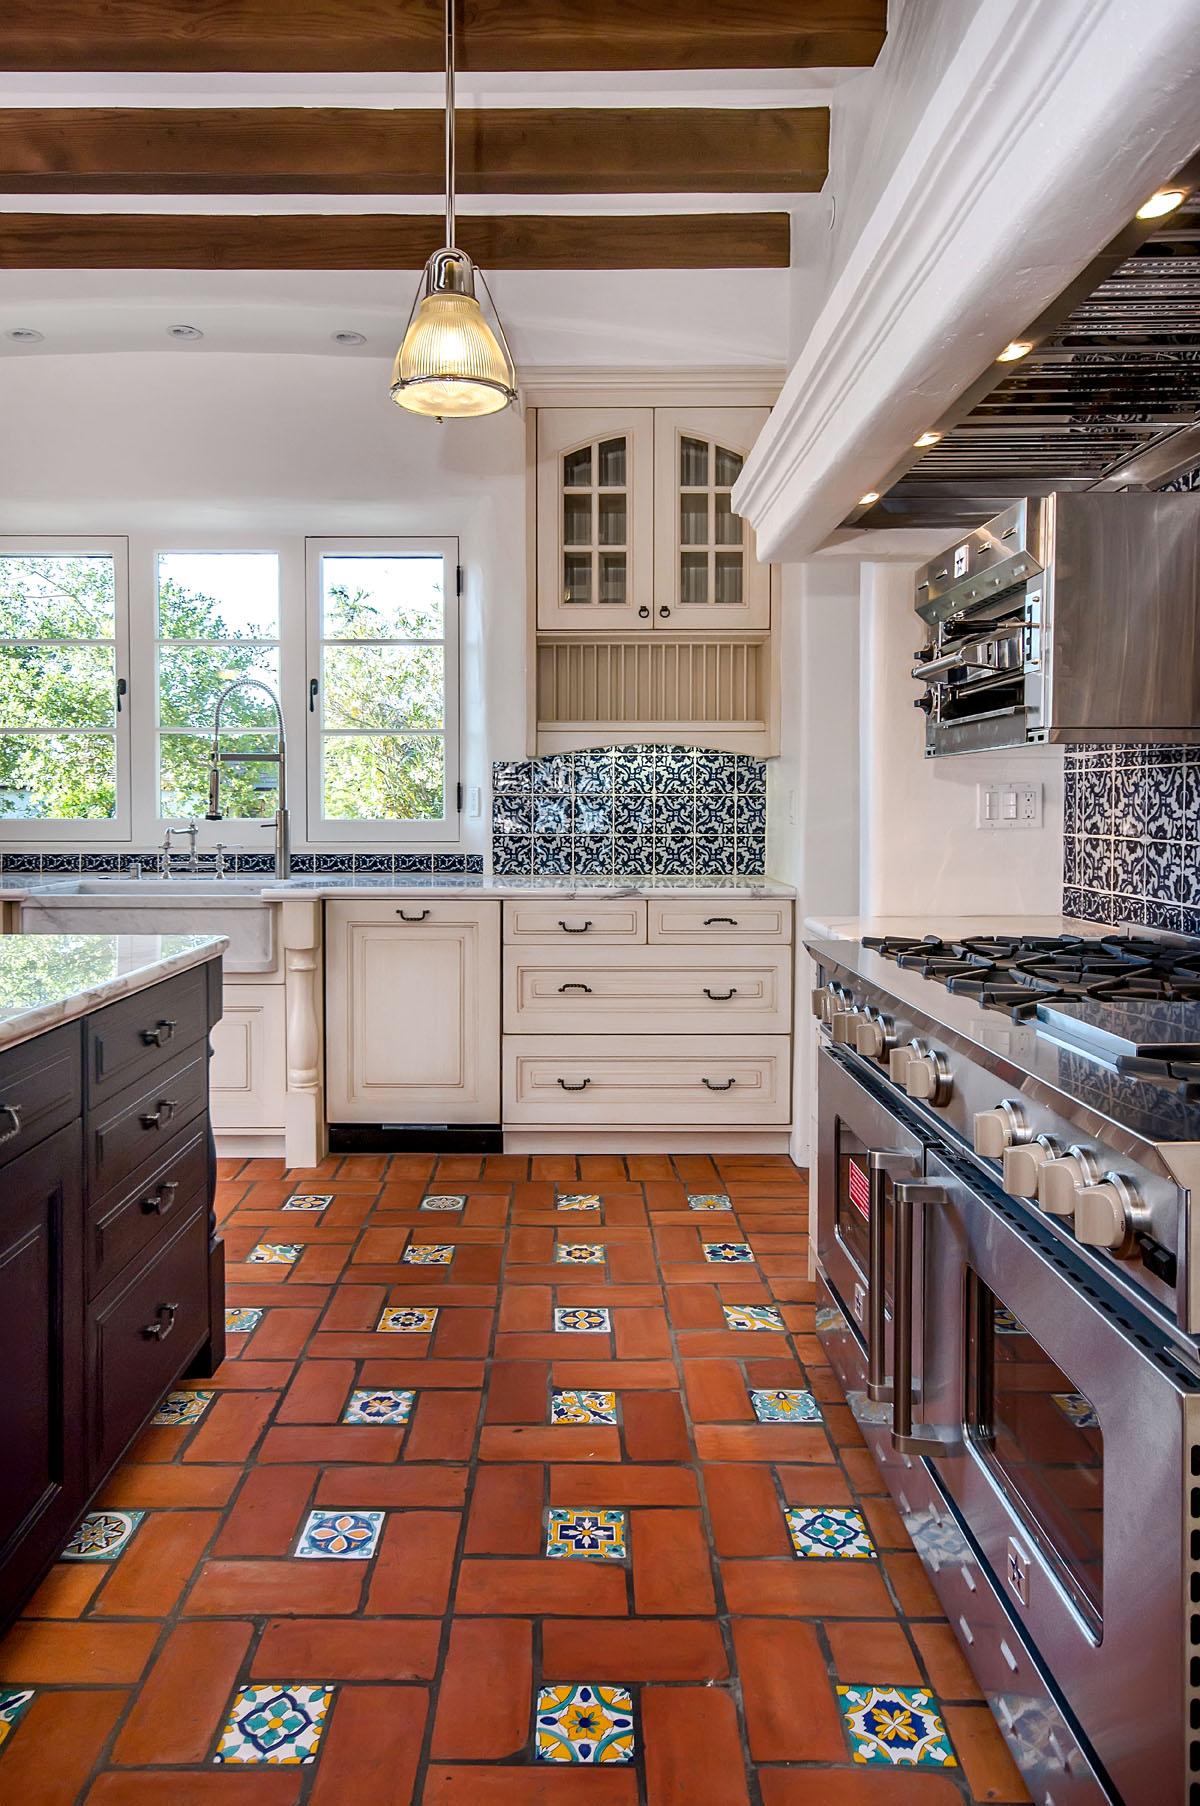 Керамическая плитка на пол для кухни, фото лучших дизайнерских проектов и способы укладки плитки на пол